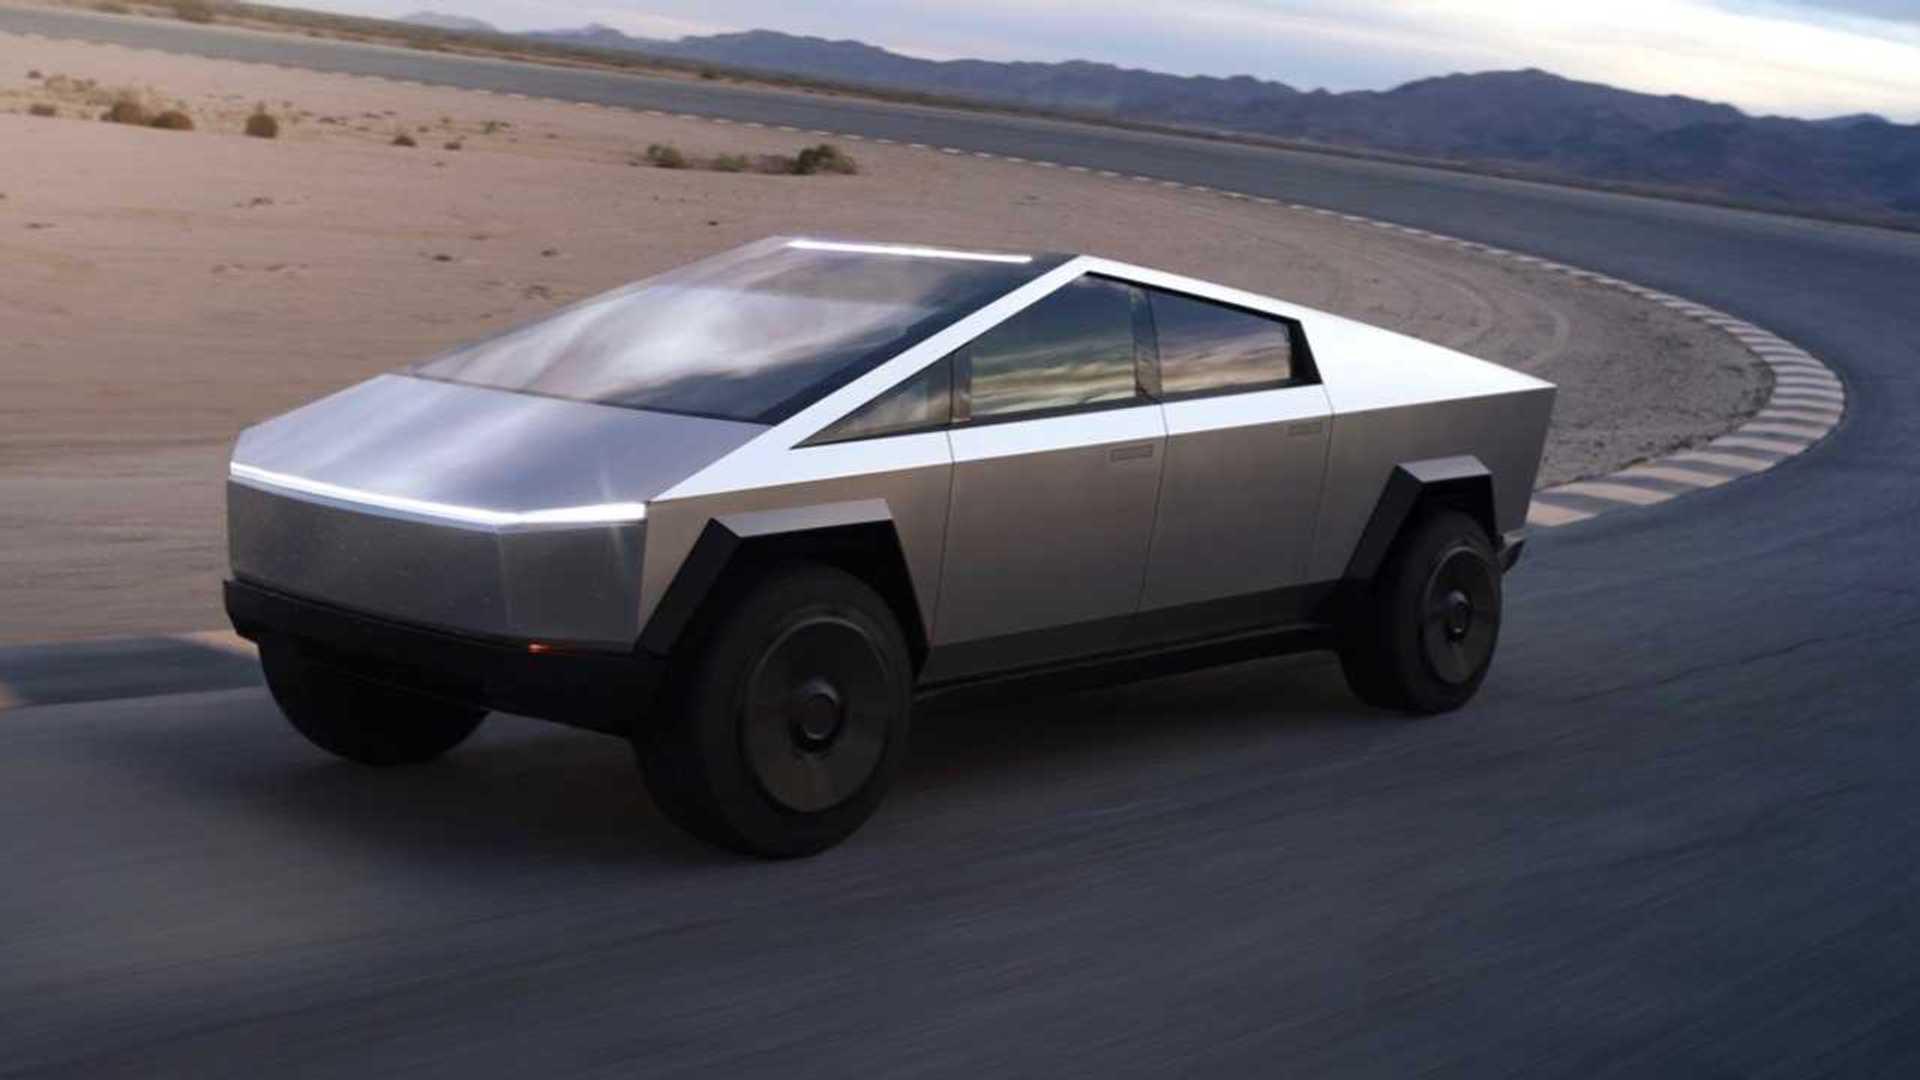 La Tesla Cybertruck llegó con diseño futurista y poder para regalar